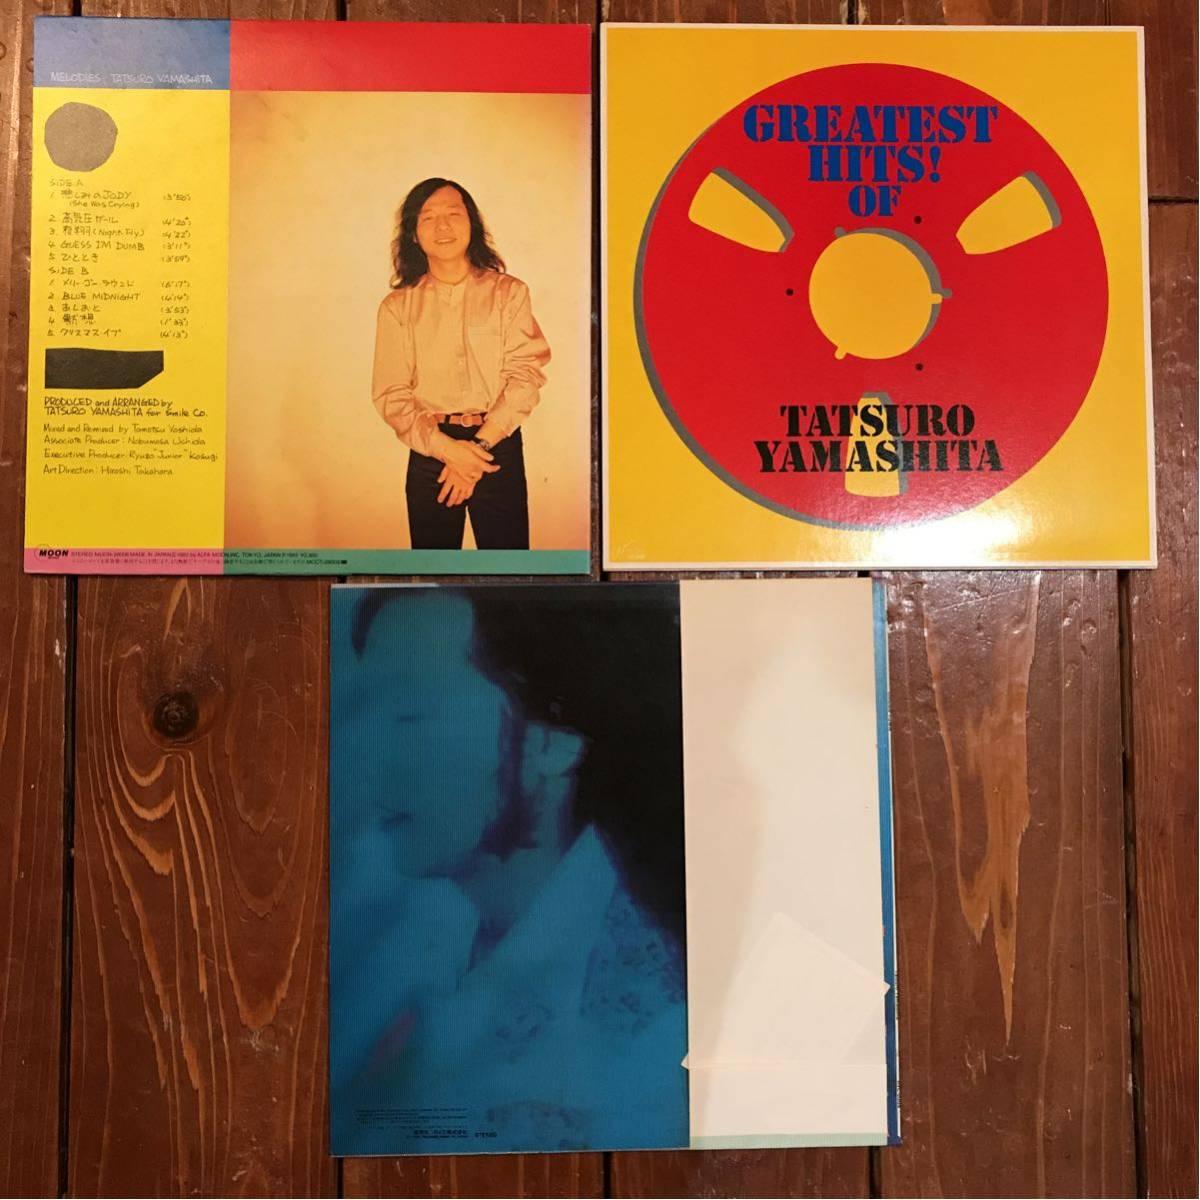 山下達郎 ニューヨーク ロス 最高の音がここにあった Melodies GREATEST HITS!OF 昭和レトロレコード 12インチ 3枚セット 歌詞付き_画像2